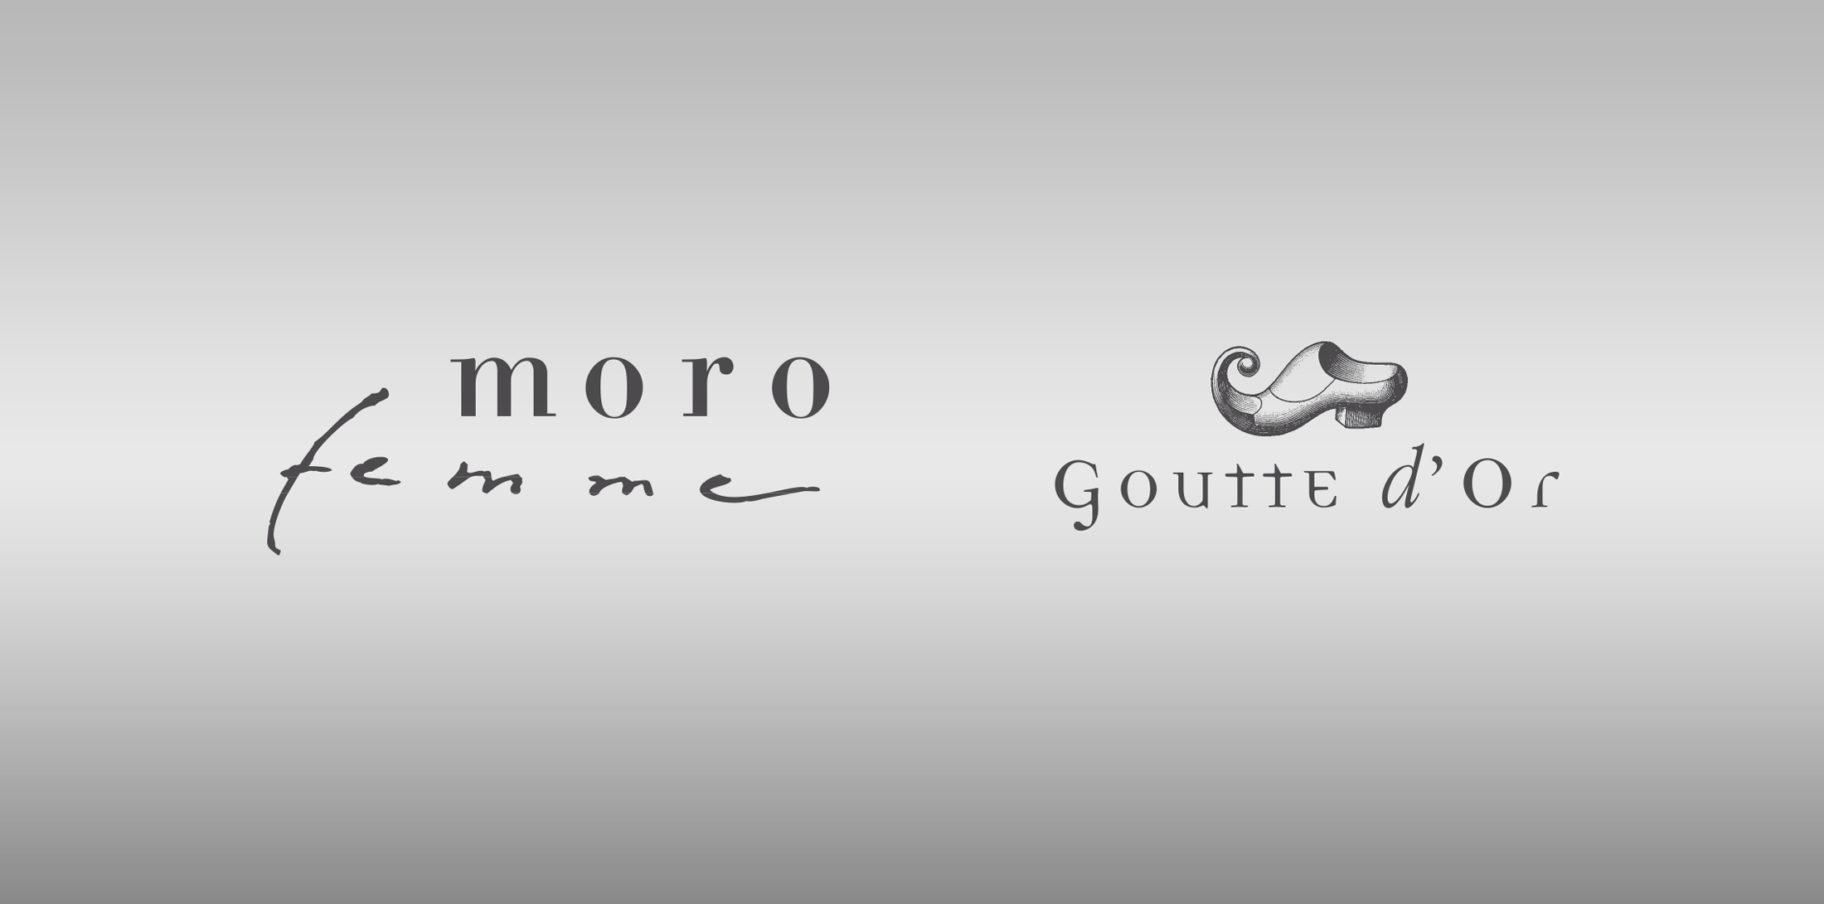 MORO e Goutte d'Or-logo